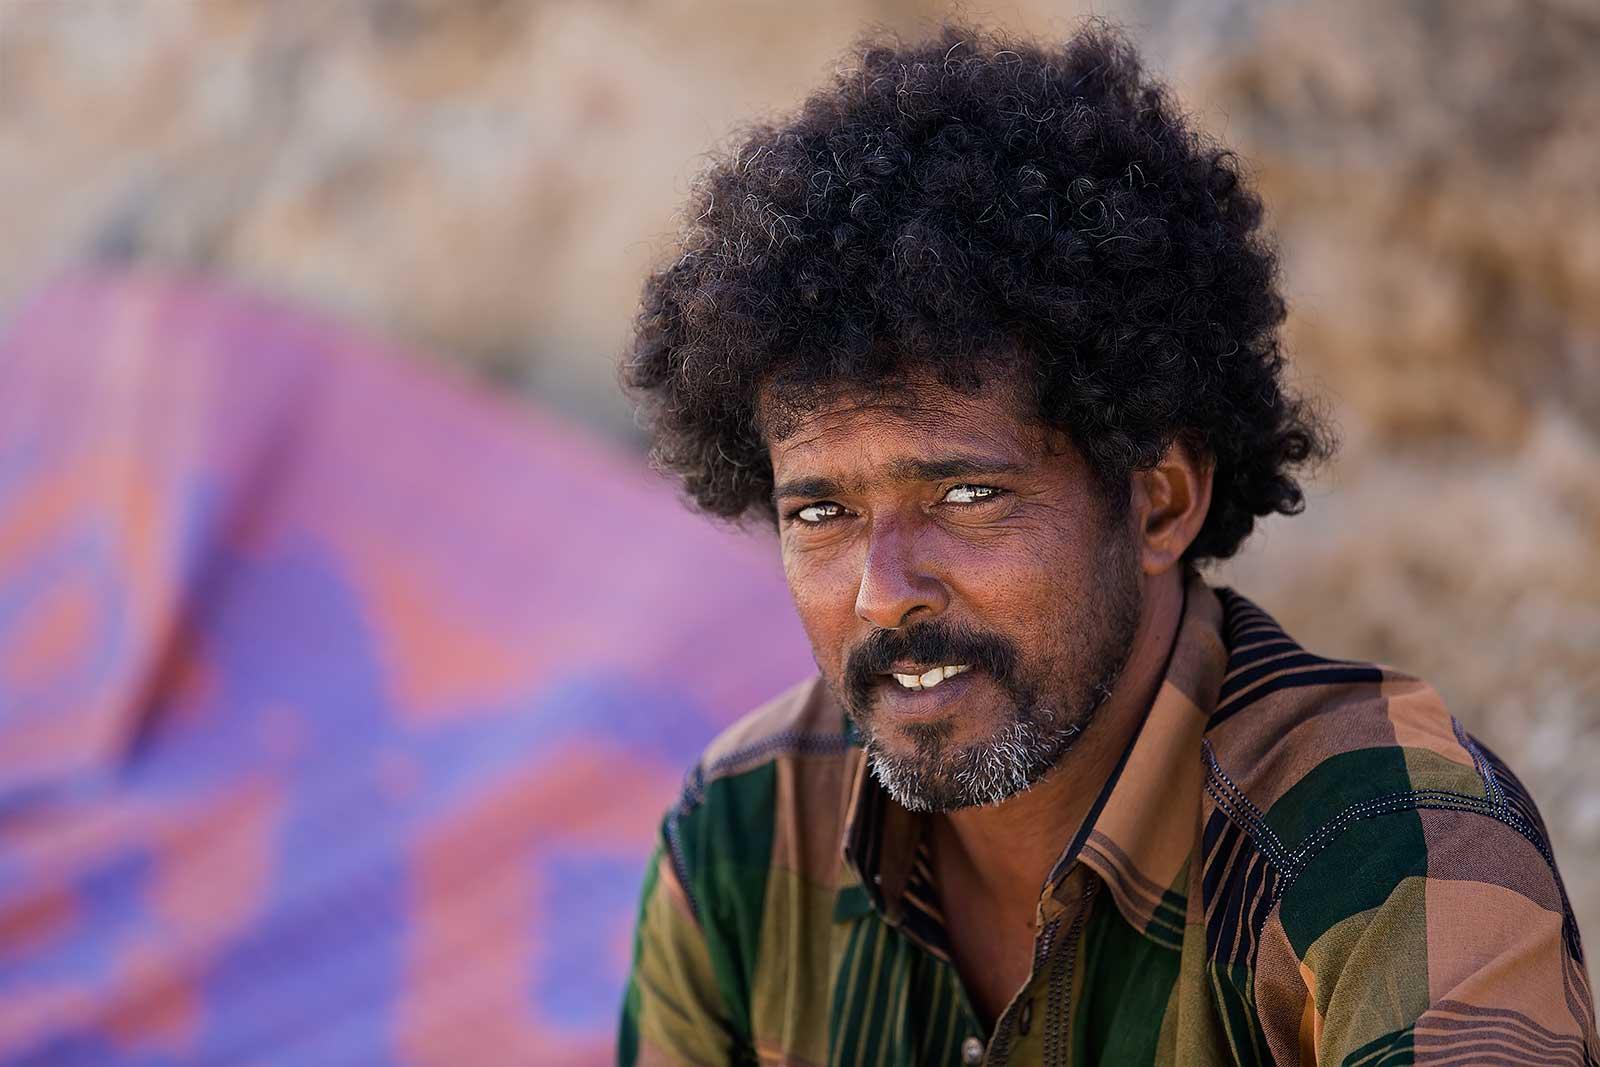 portrait-man-west-salalah-oman